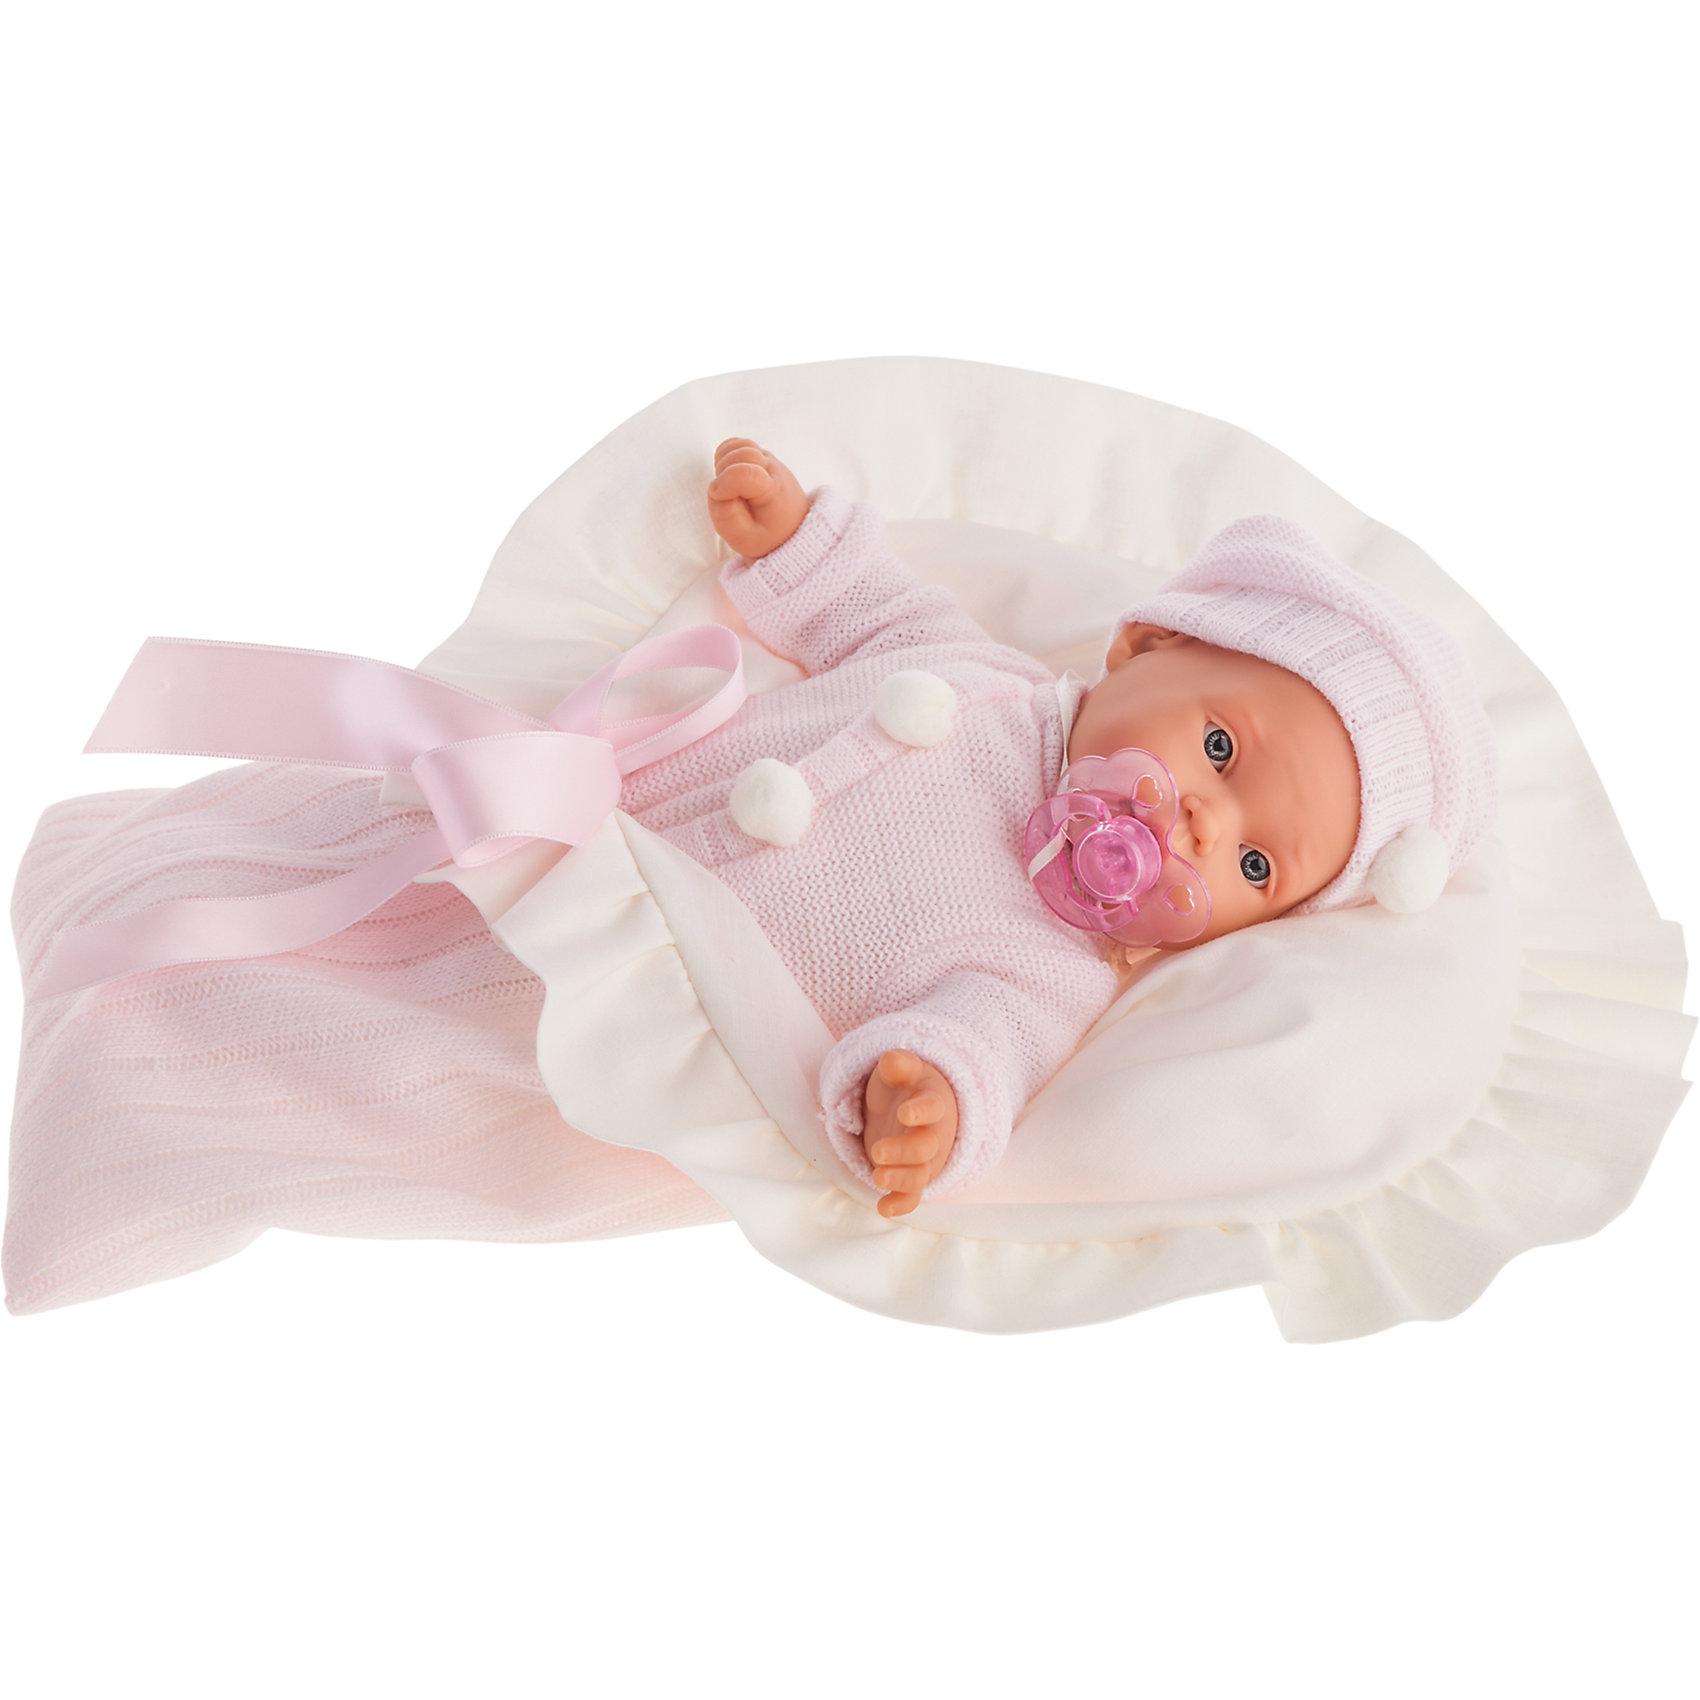 Кукла Ланита в розовом, плачущая, 27 см, Munecas Antonio JuanКлассические куклы<br>Характеристики товара:<br><br>• возраст: от 3 лет;<br>• материал: винил, текстиль;<br>• в комплекте: кукла, костюм, шапочка, соска, одеяло;<br>• тип батареек: 3 батарейки АА;<br>• наличие батареек: демонстрационные в комплекте;<br>• высота куклы: 27 см;<br>• размер упаковки: 38х24х10 см;<br>• вес упаковки: 655 гр.;<br>• страна производитель: Испания.<br><br>Кукла Ланита в розовом Munecas Antonio Juan — очаровательная девочка с выразительными глазками, длинными ресничками и пухлыми щечкам. Кукла одета в теплый костюмчик и шапочку. В комплекте уютное мягкое одеяло для спокойного сна.<br><br>У куклы подвижные ручки и ножки. Ланита умеет плакать. Если куколка заплачет, надо дать ей соску и успокоить ее. Игра с куклой привьет девочке чувство заботы, помощи, ответственности и любви. Кукла выполнена из качественных безопасных материалов.<br><br>Куклу Ланиту в розовом Munecas Antonio Juan можно приобрести в нашем интернет-магазине.<br><br>Ширина мм: 50<br>Глубина мм: 26<br>Высота мм: 16<br>Вес г: 1770<br>Возраст от месяцев: 36<br>Возраст до месяцев: 2147483647<br>Пол: Женский<br>Возраст: Детский<br>SKU: 5367051